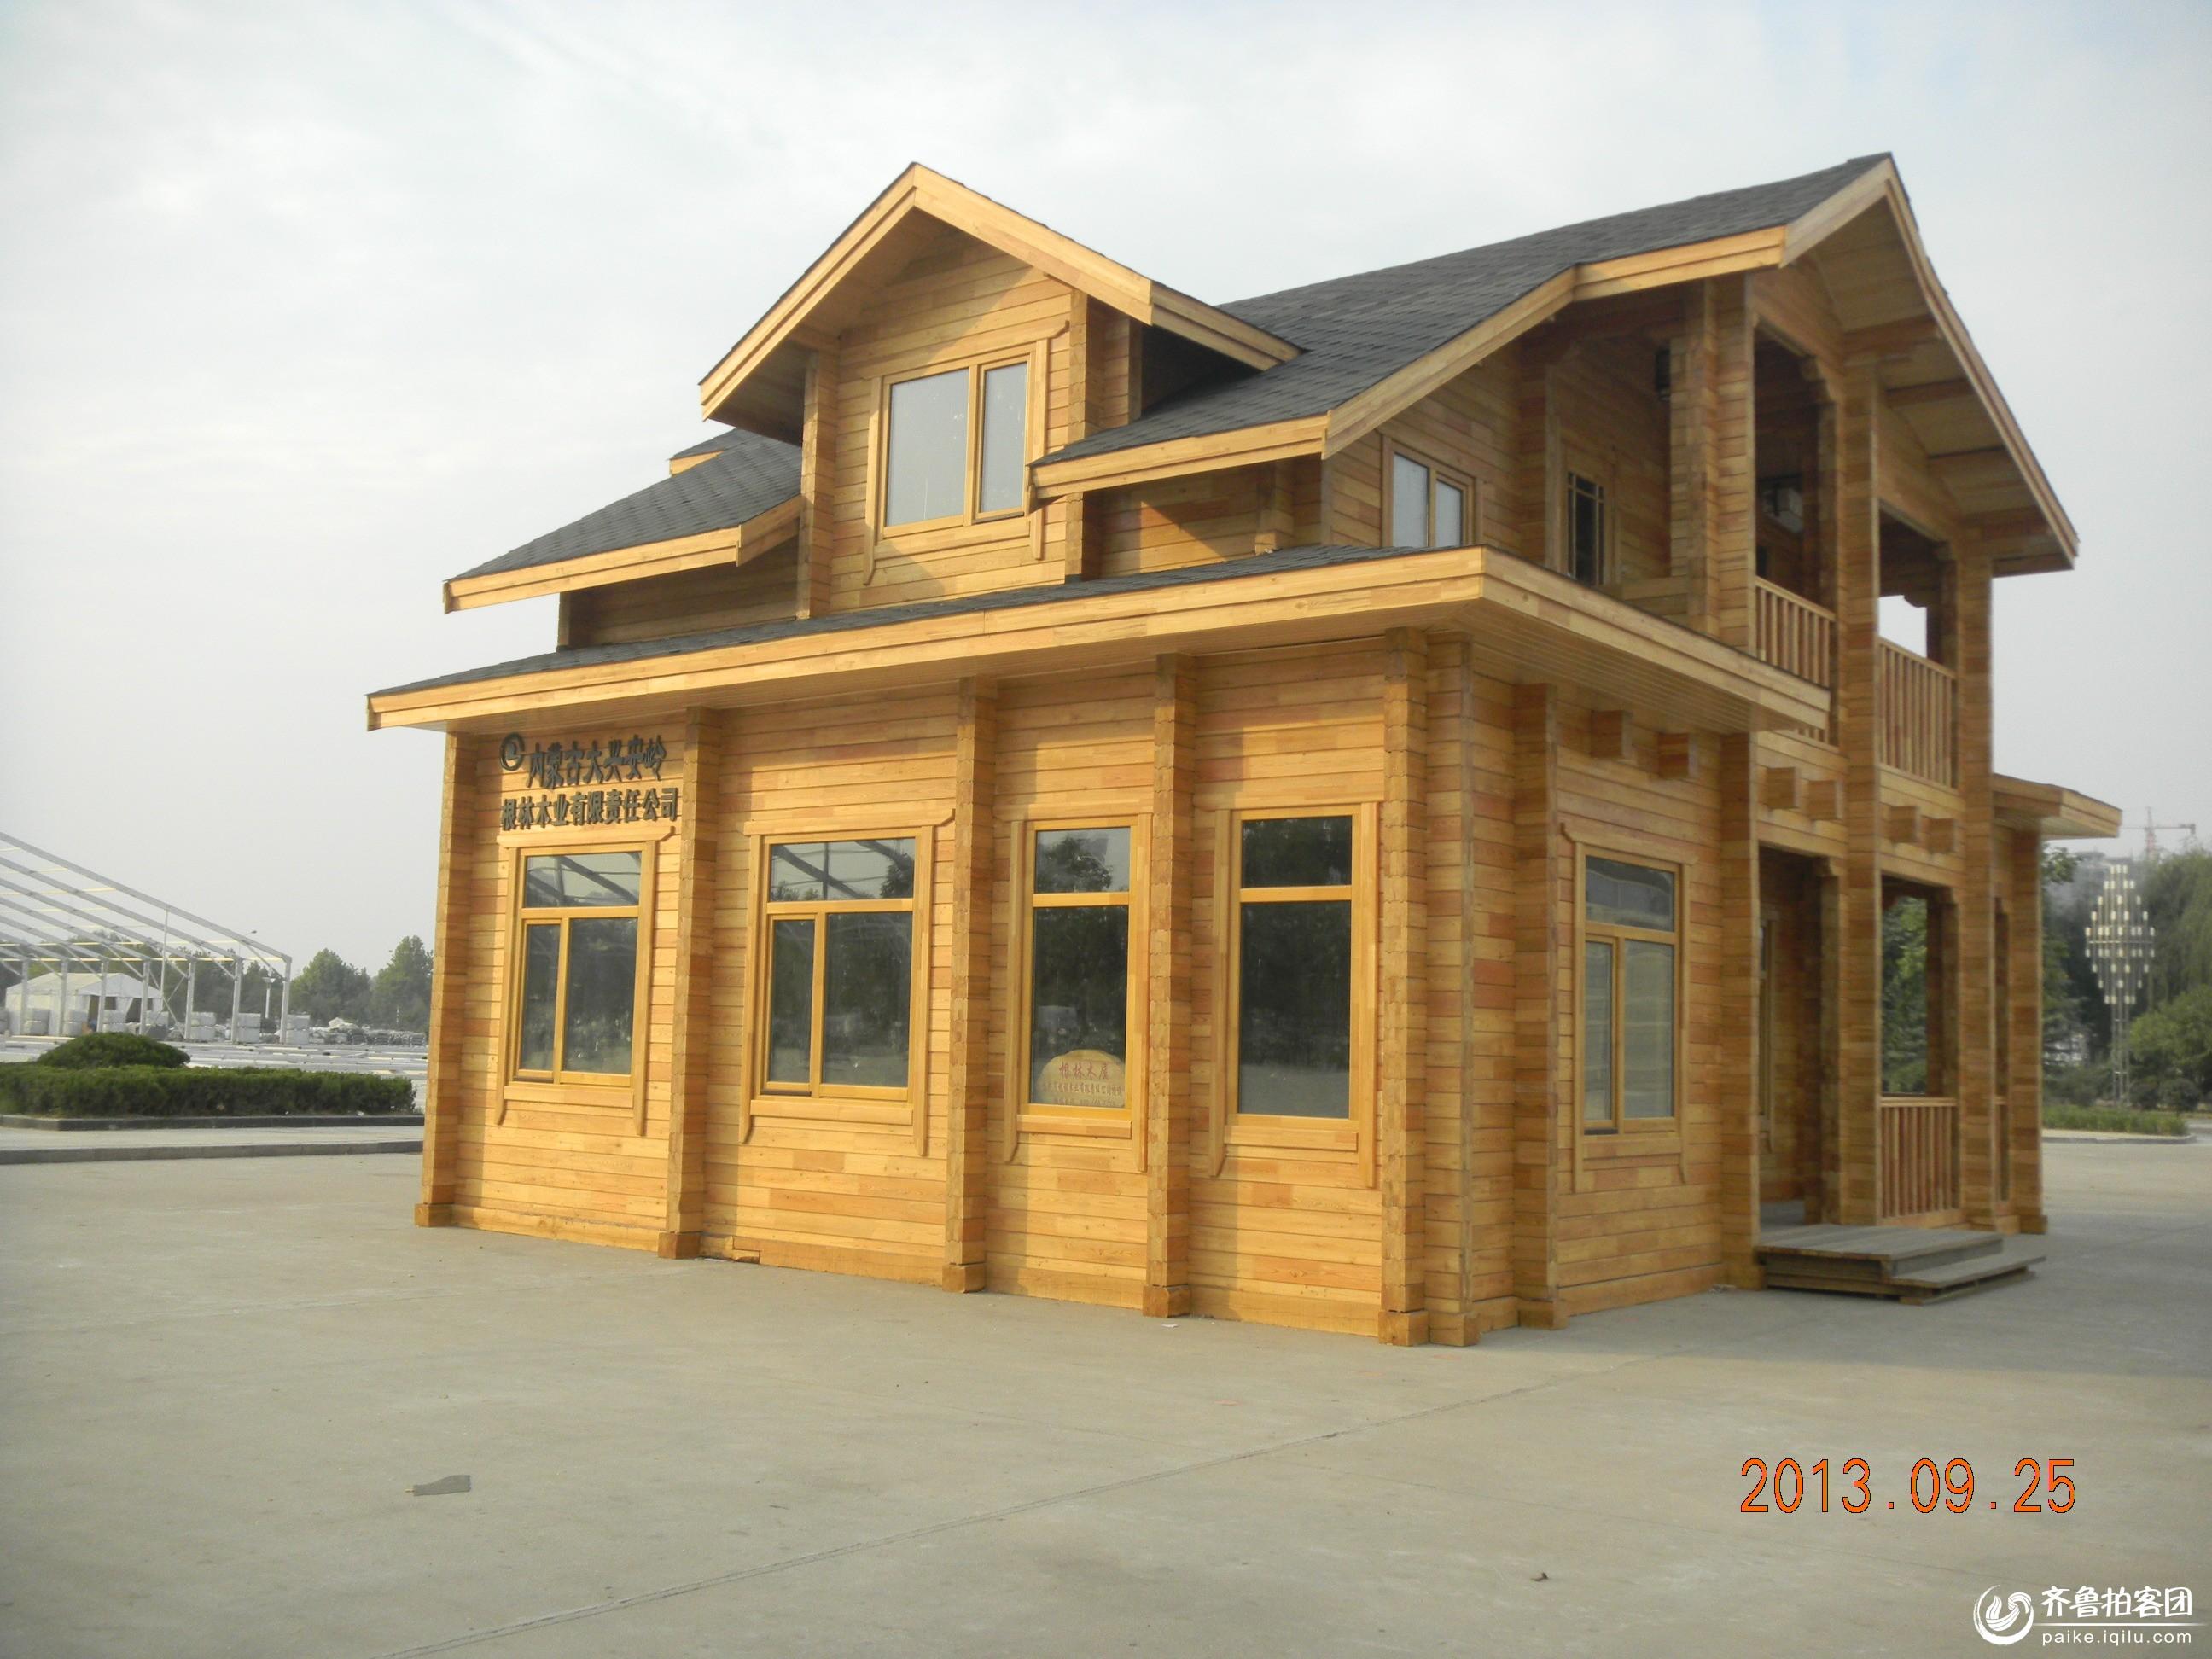 漂亮的小木屋 - 菏泽拍客